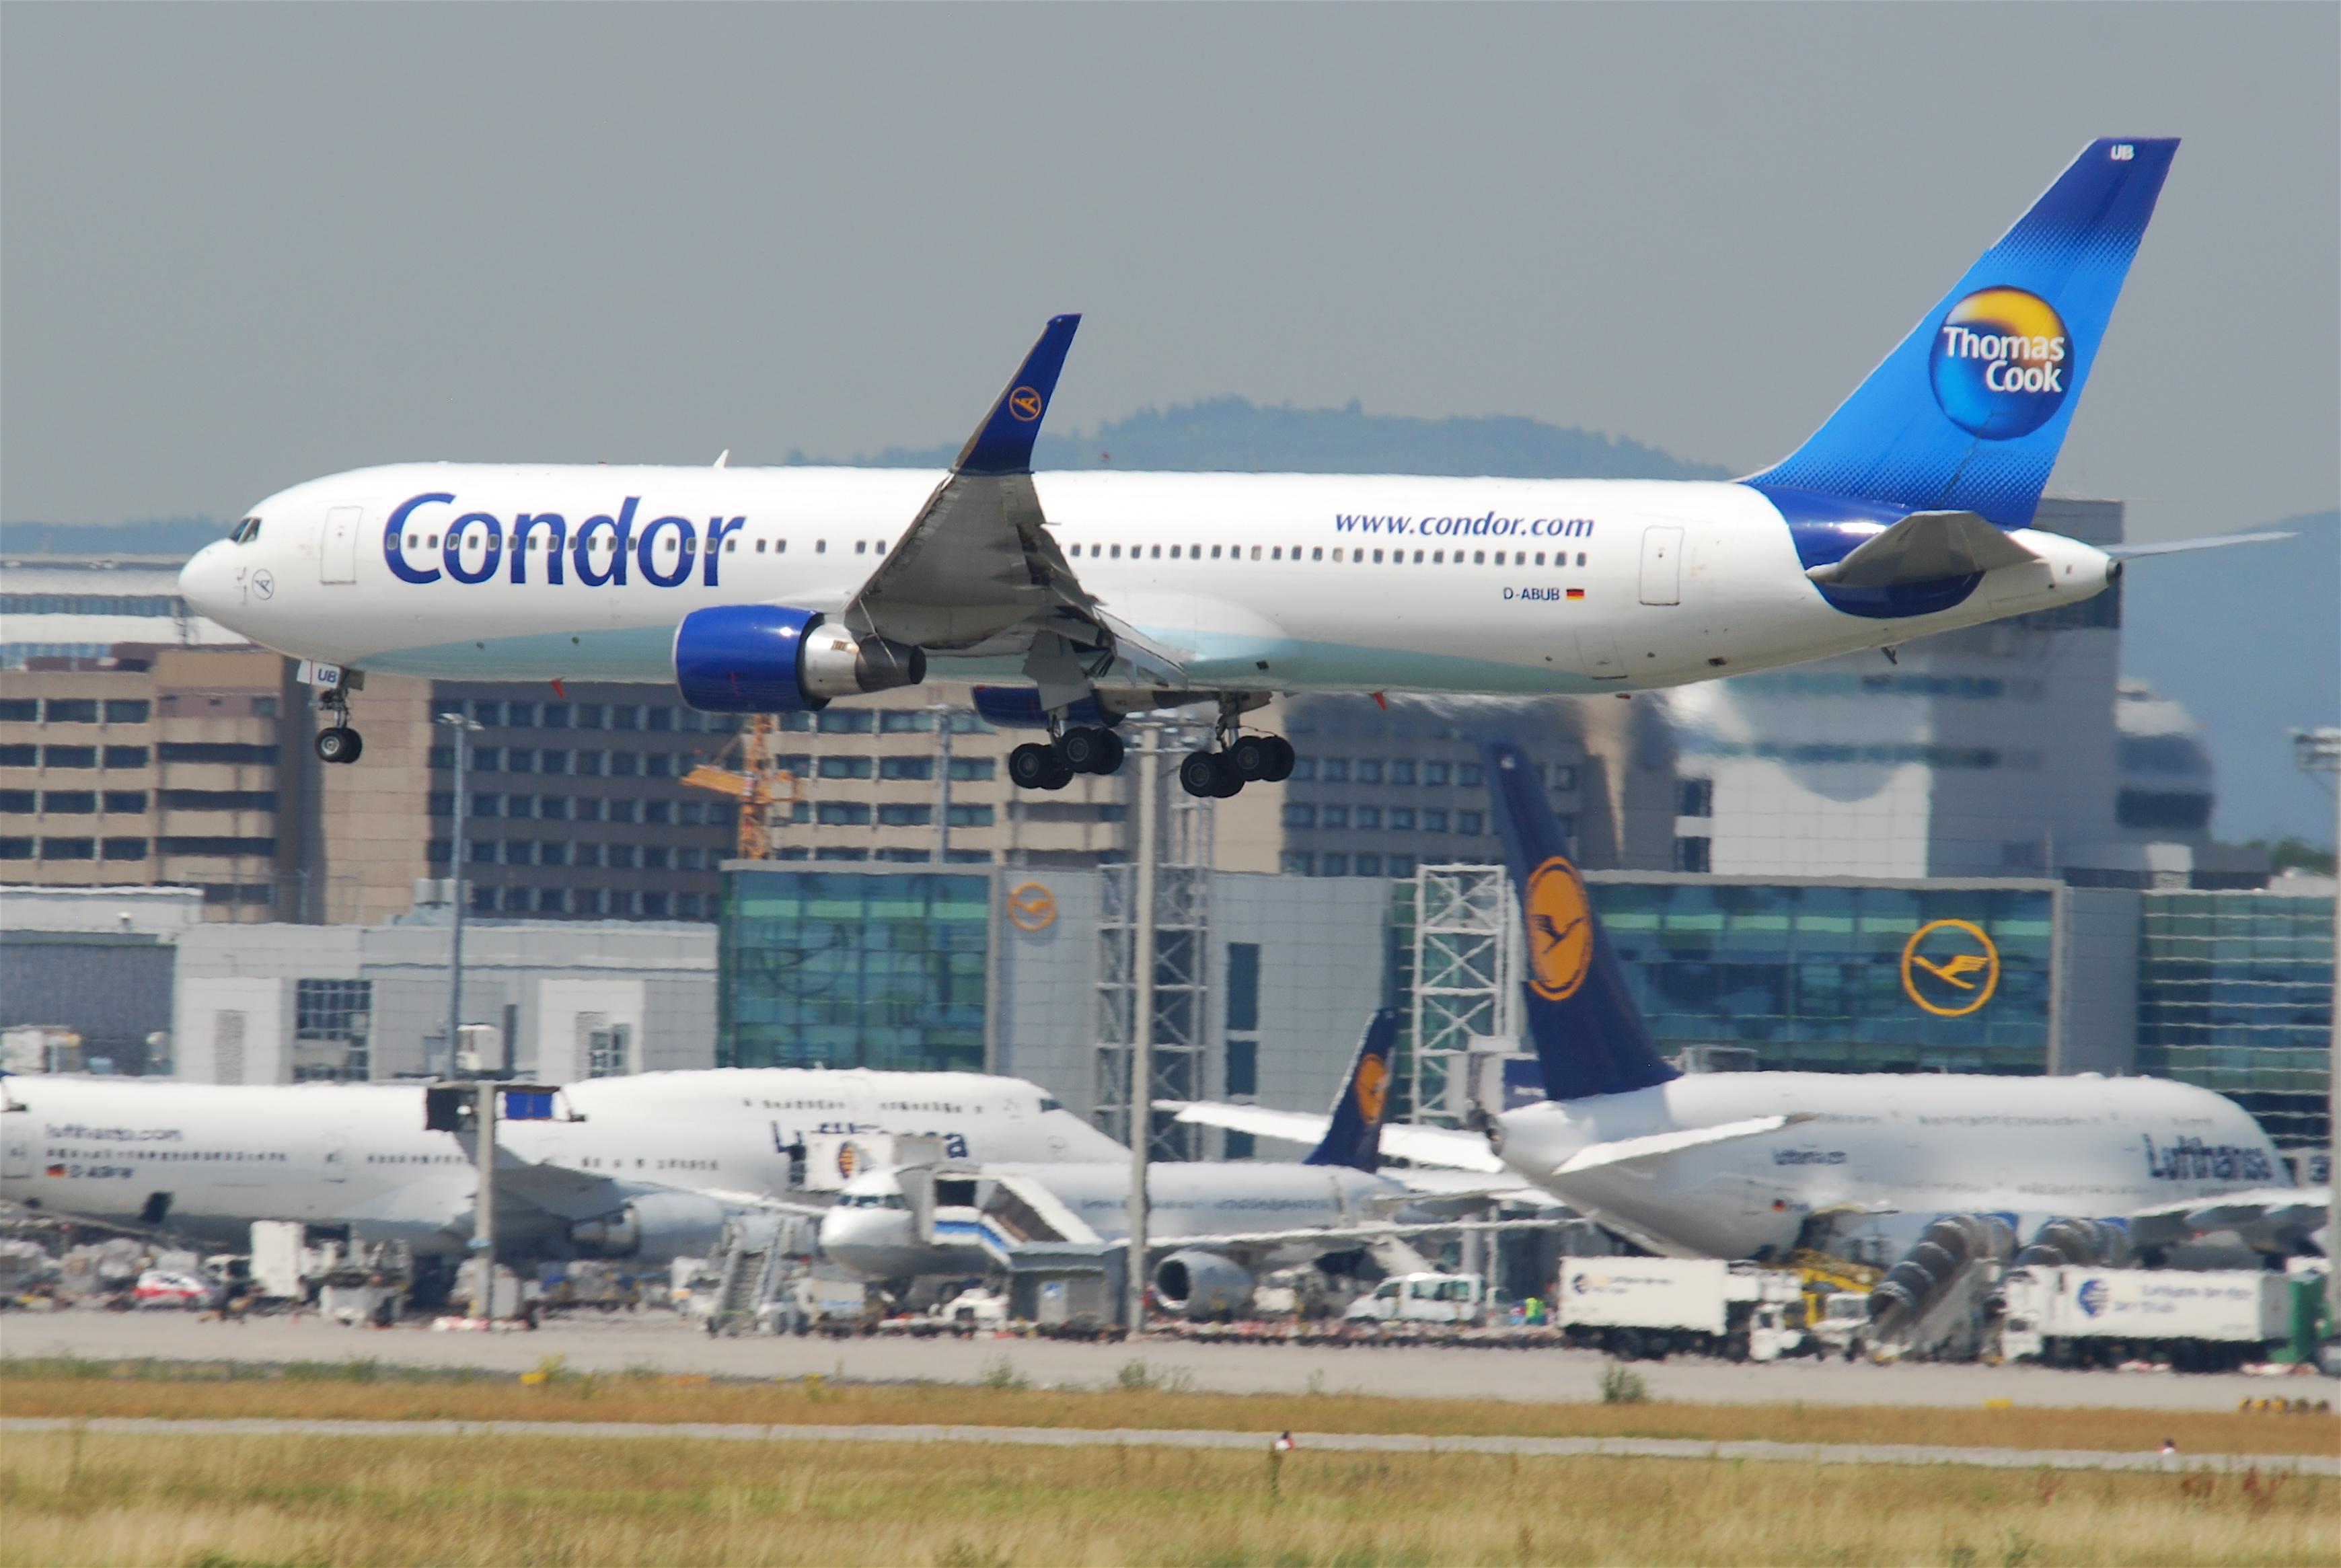 [Internacional] Condor passa a operar 2 frequências semanais no Rio de Janeiro Condor_Boeing_767-300%3B_D-ABUB@FRA%3B09.07.2010_581il_%284783415212%29